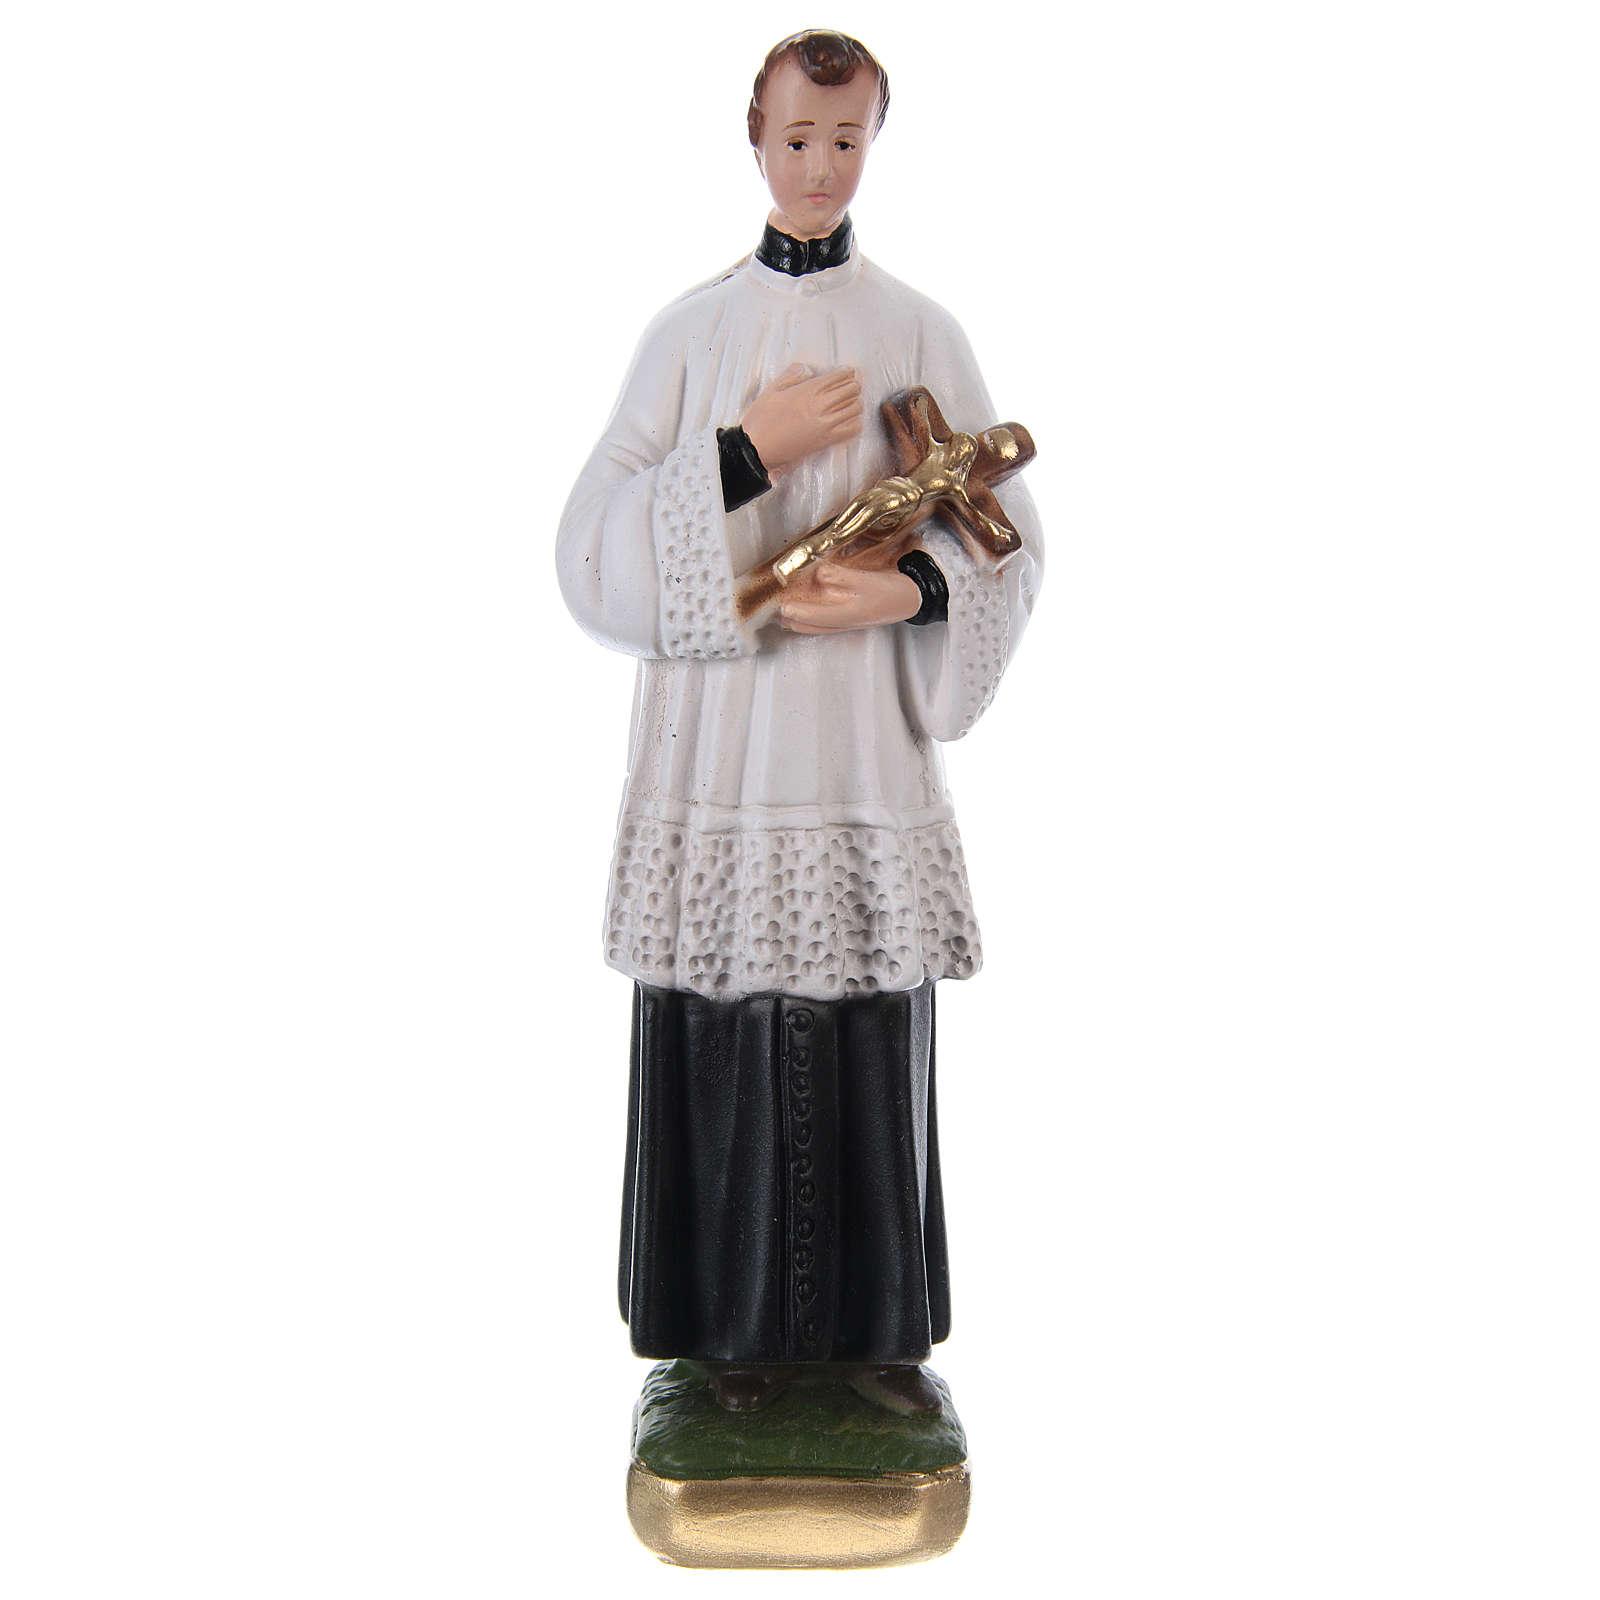 Saint Louis Plaster Statue, 20 cm 4